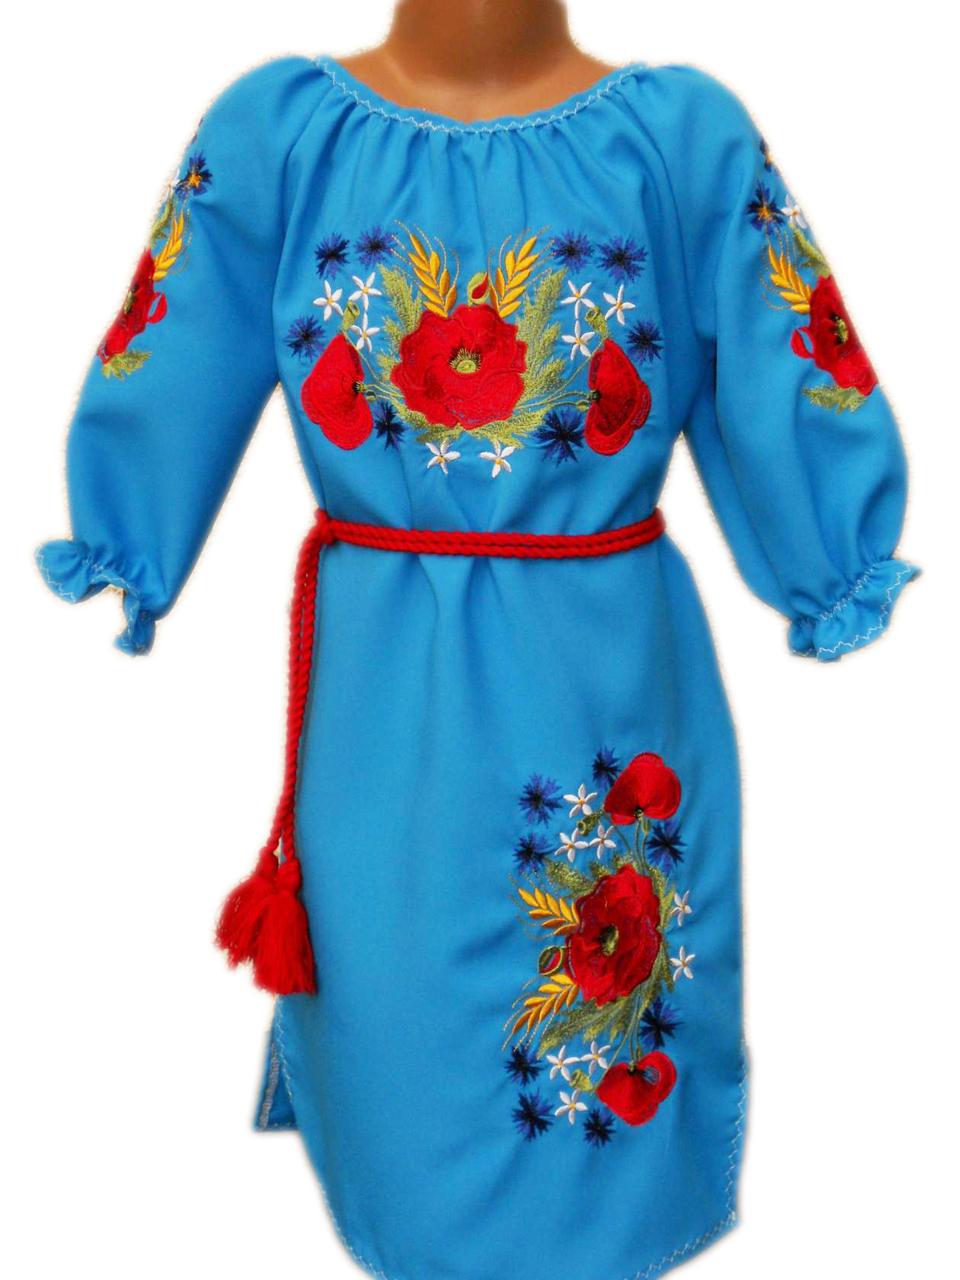 """Вишите плаття для дівчинки """"Марджі"""" (Вышитое платье для девочки """"Марджи"""") DN-0030"""